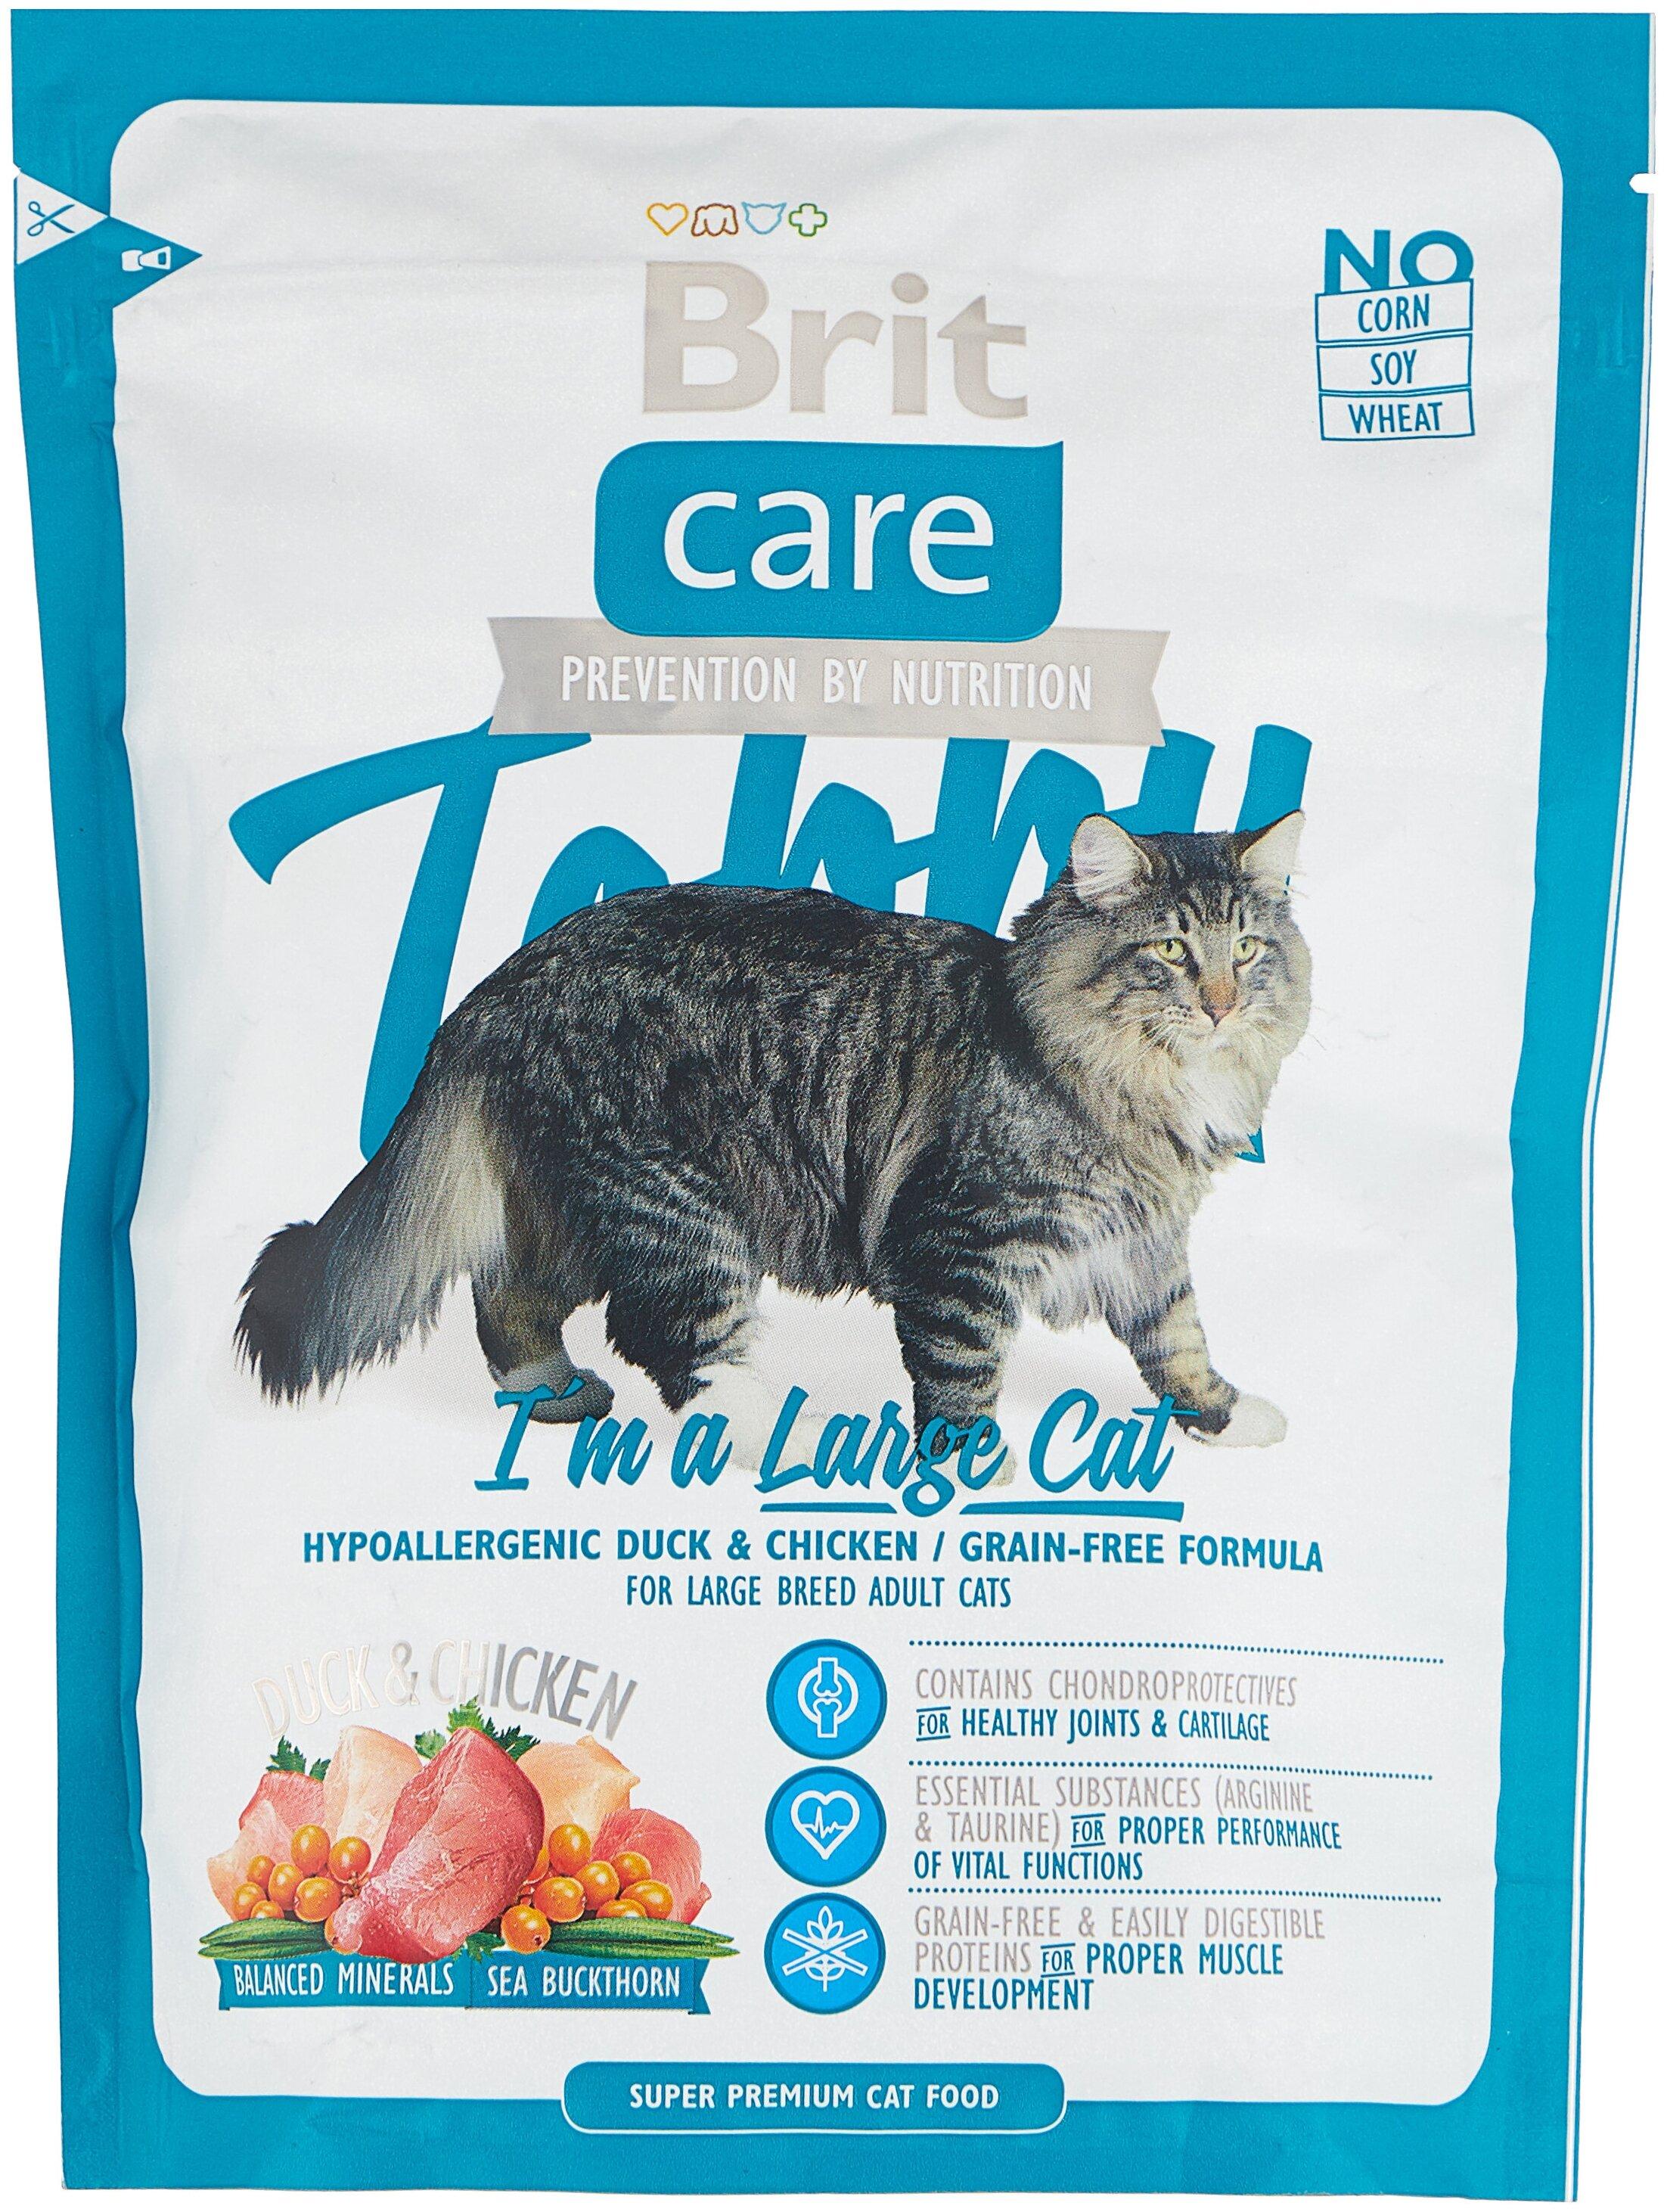 Сухой корм для кошек Brit Care Tobby, беззерновой, с уткой, с курицей — купить по выгодной цене на Яндекс.Маркете